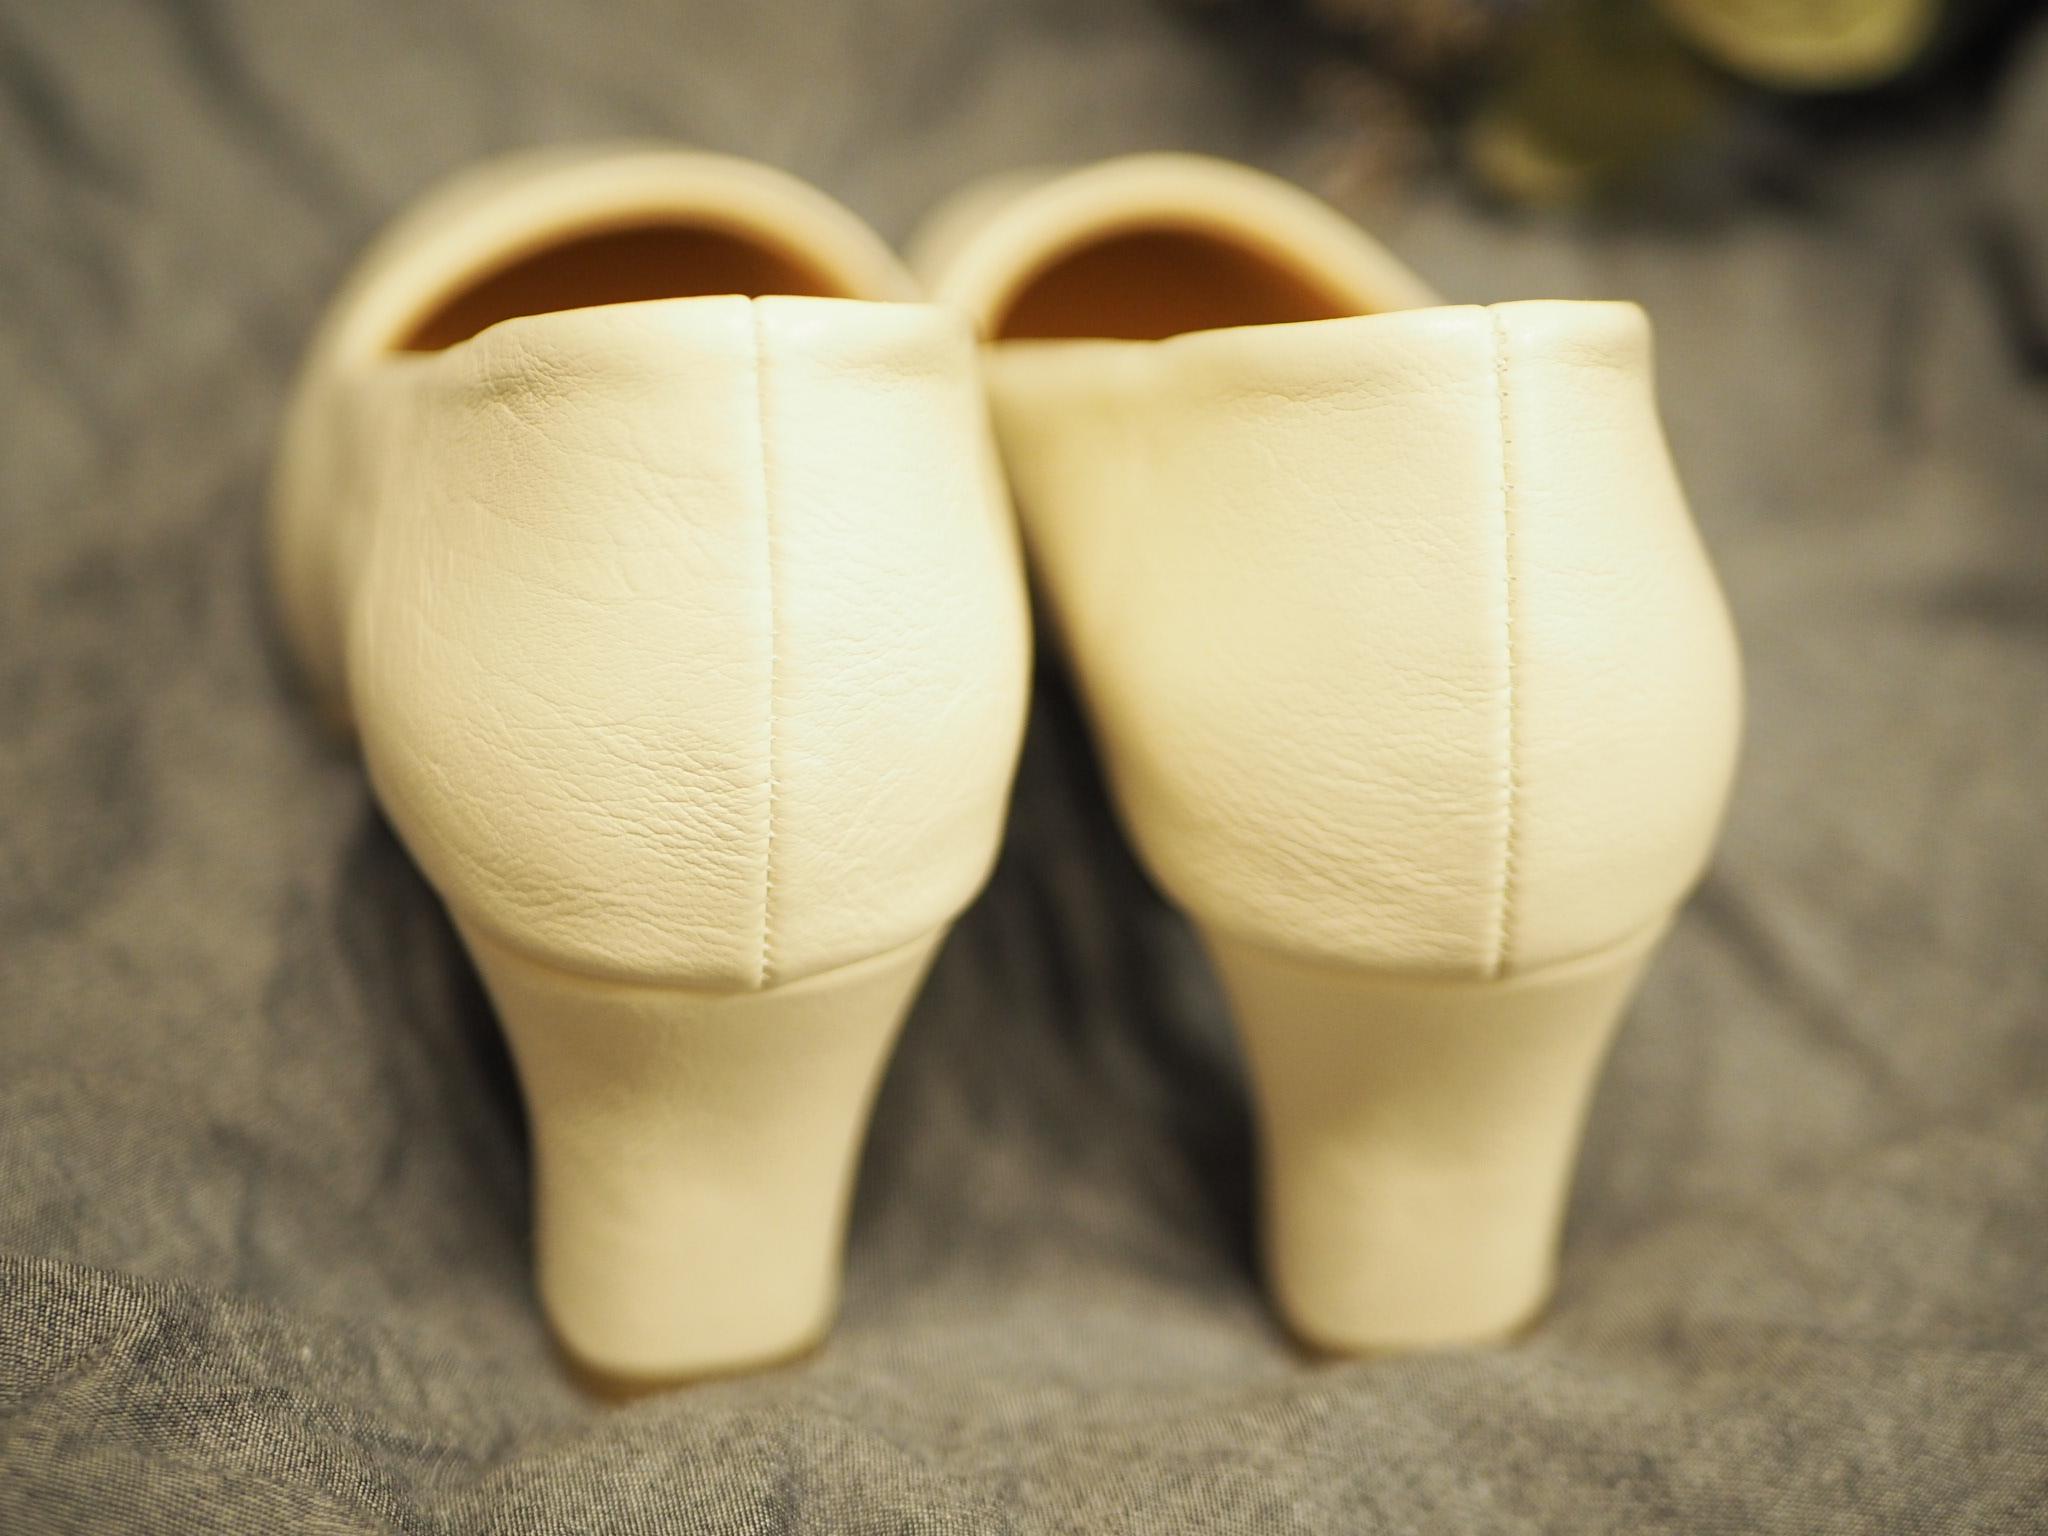 【プチプラ春靴】ホワイトカラーの《スクエアトゥシューズ》❃❃❃_5